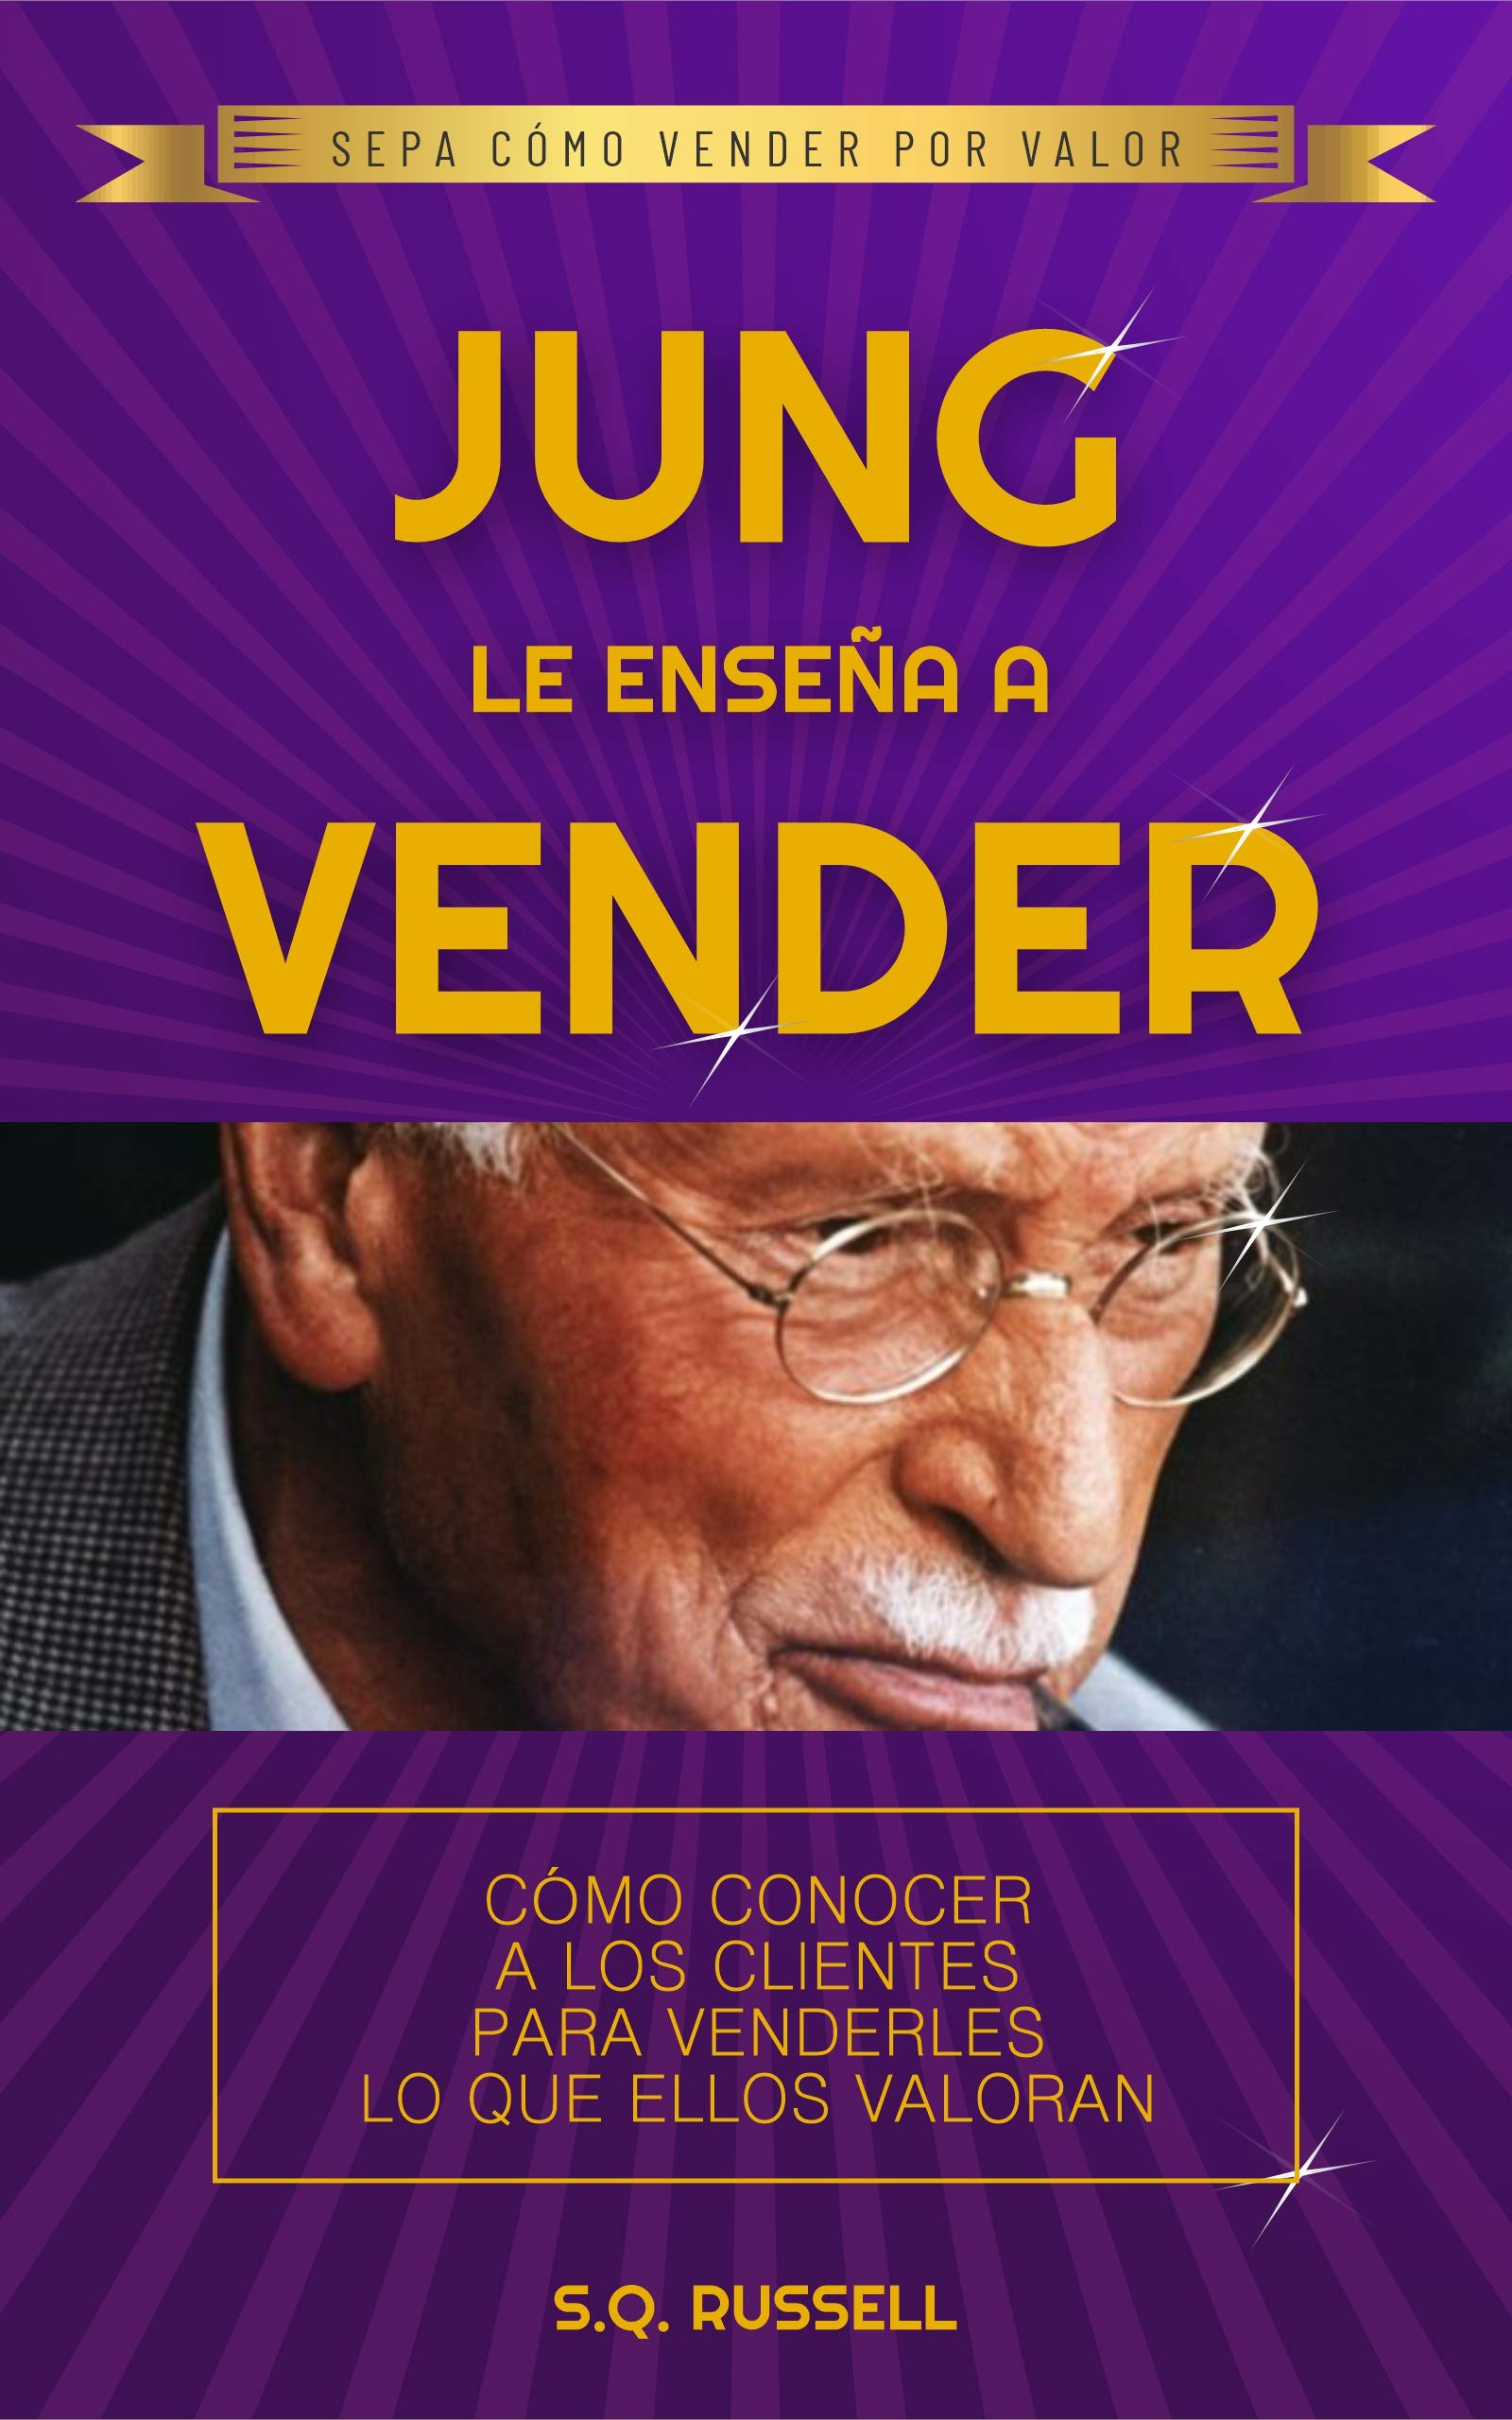 JUNG LE ENSEÑA A VENDER: CÓMO CONOCER A LOS CLIENTES PARA VENDERLES LO QUE ELLOS VALORAN (Spanish Edition)